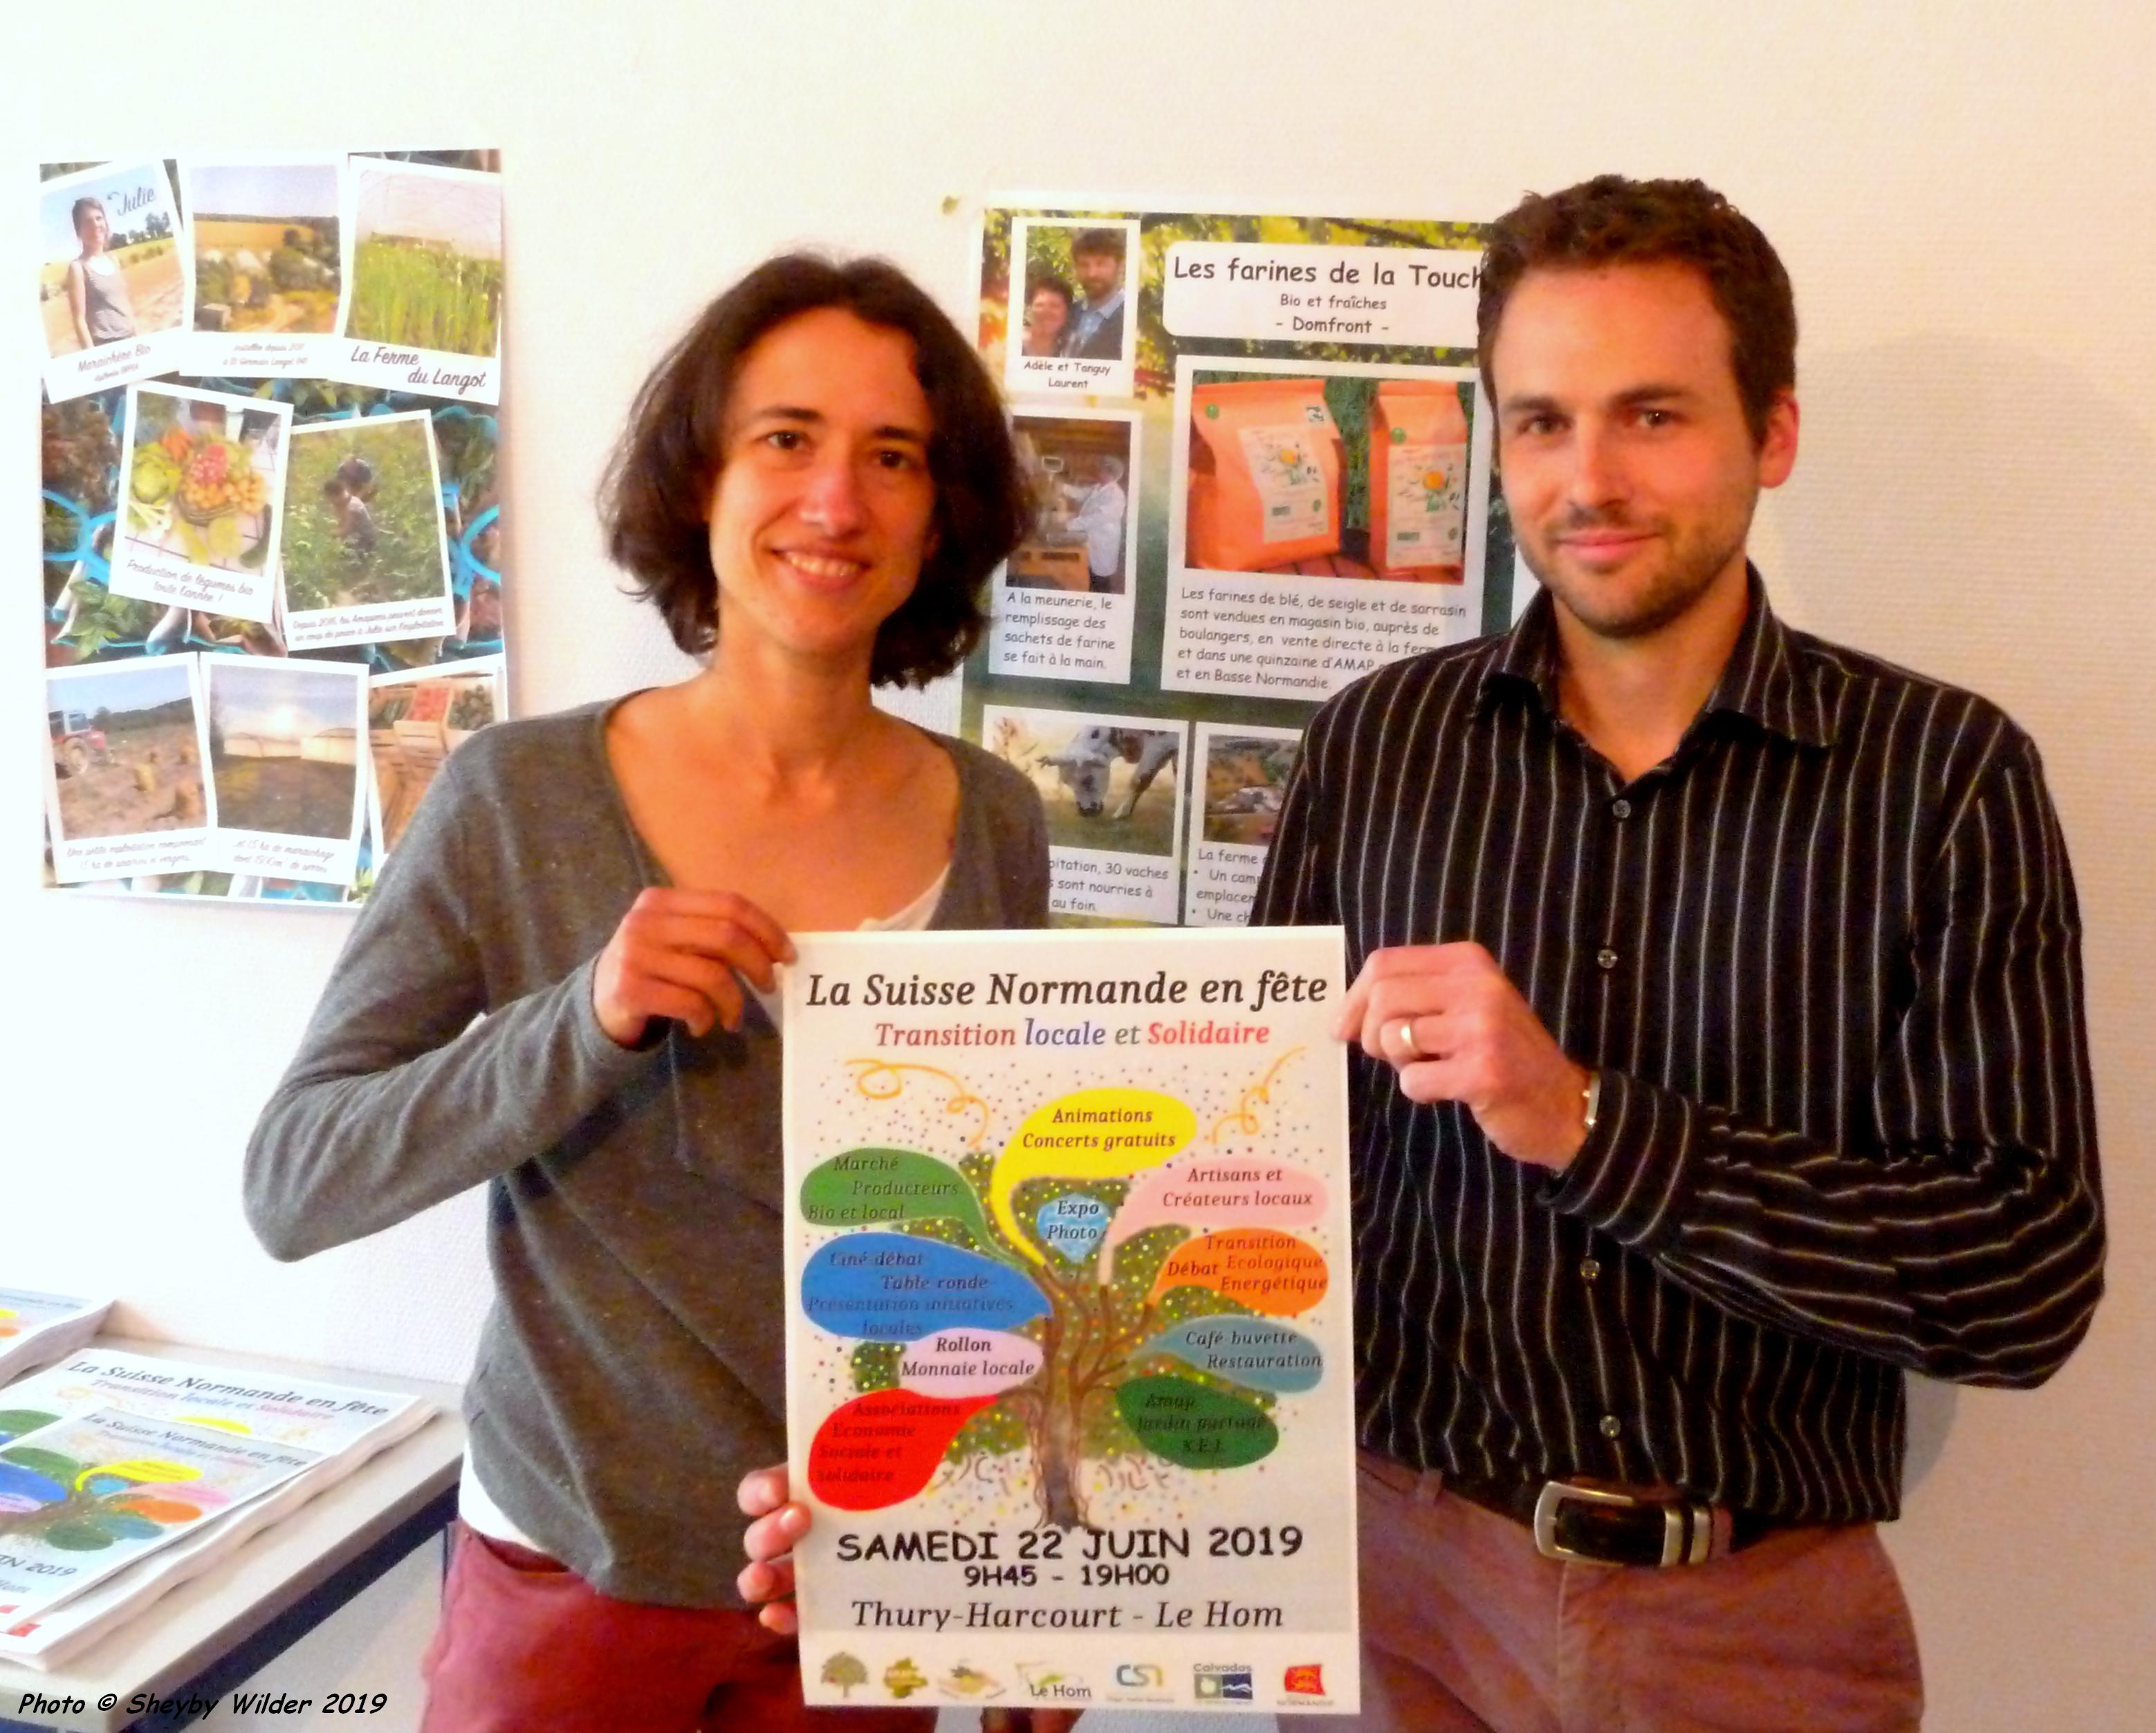 Forum des Associations – Association Réseau Bio Responsable Ecologique et Solidaire (A.R.B.R.E.S.)